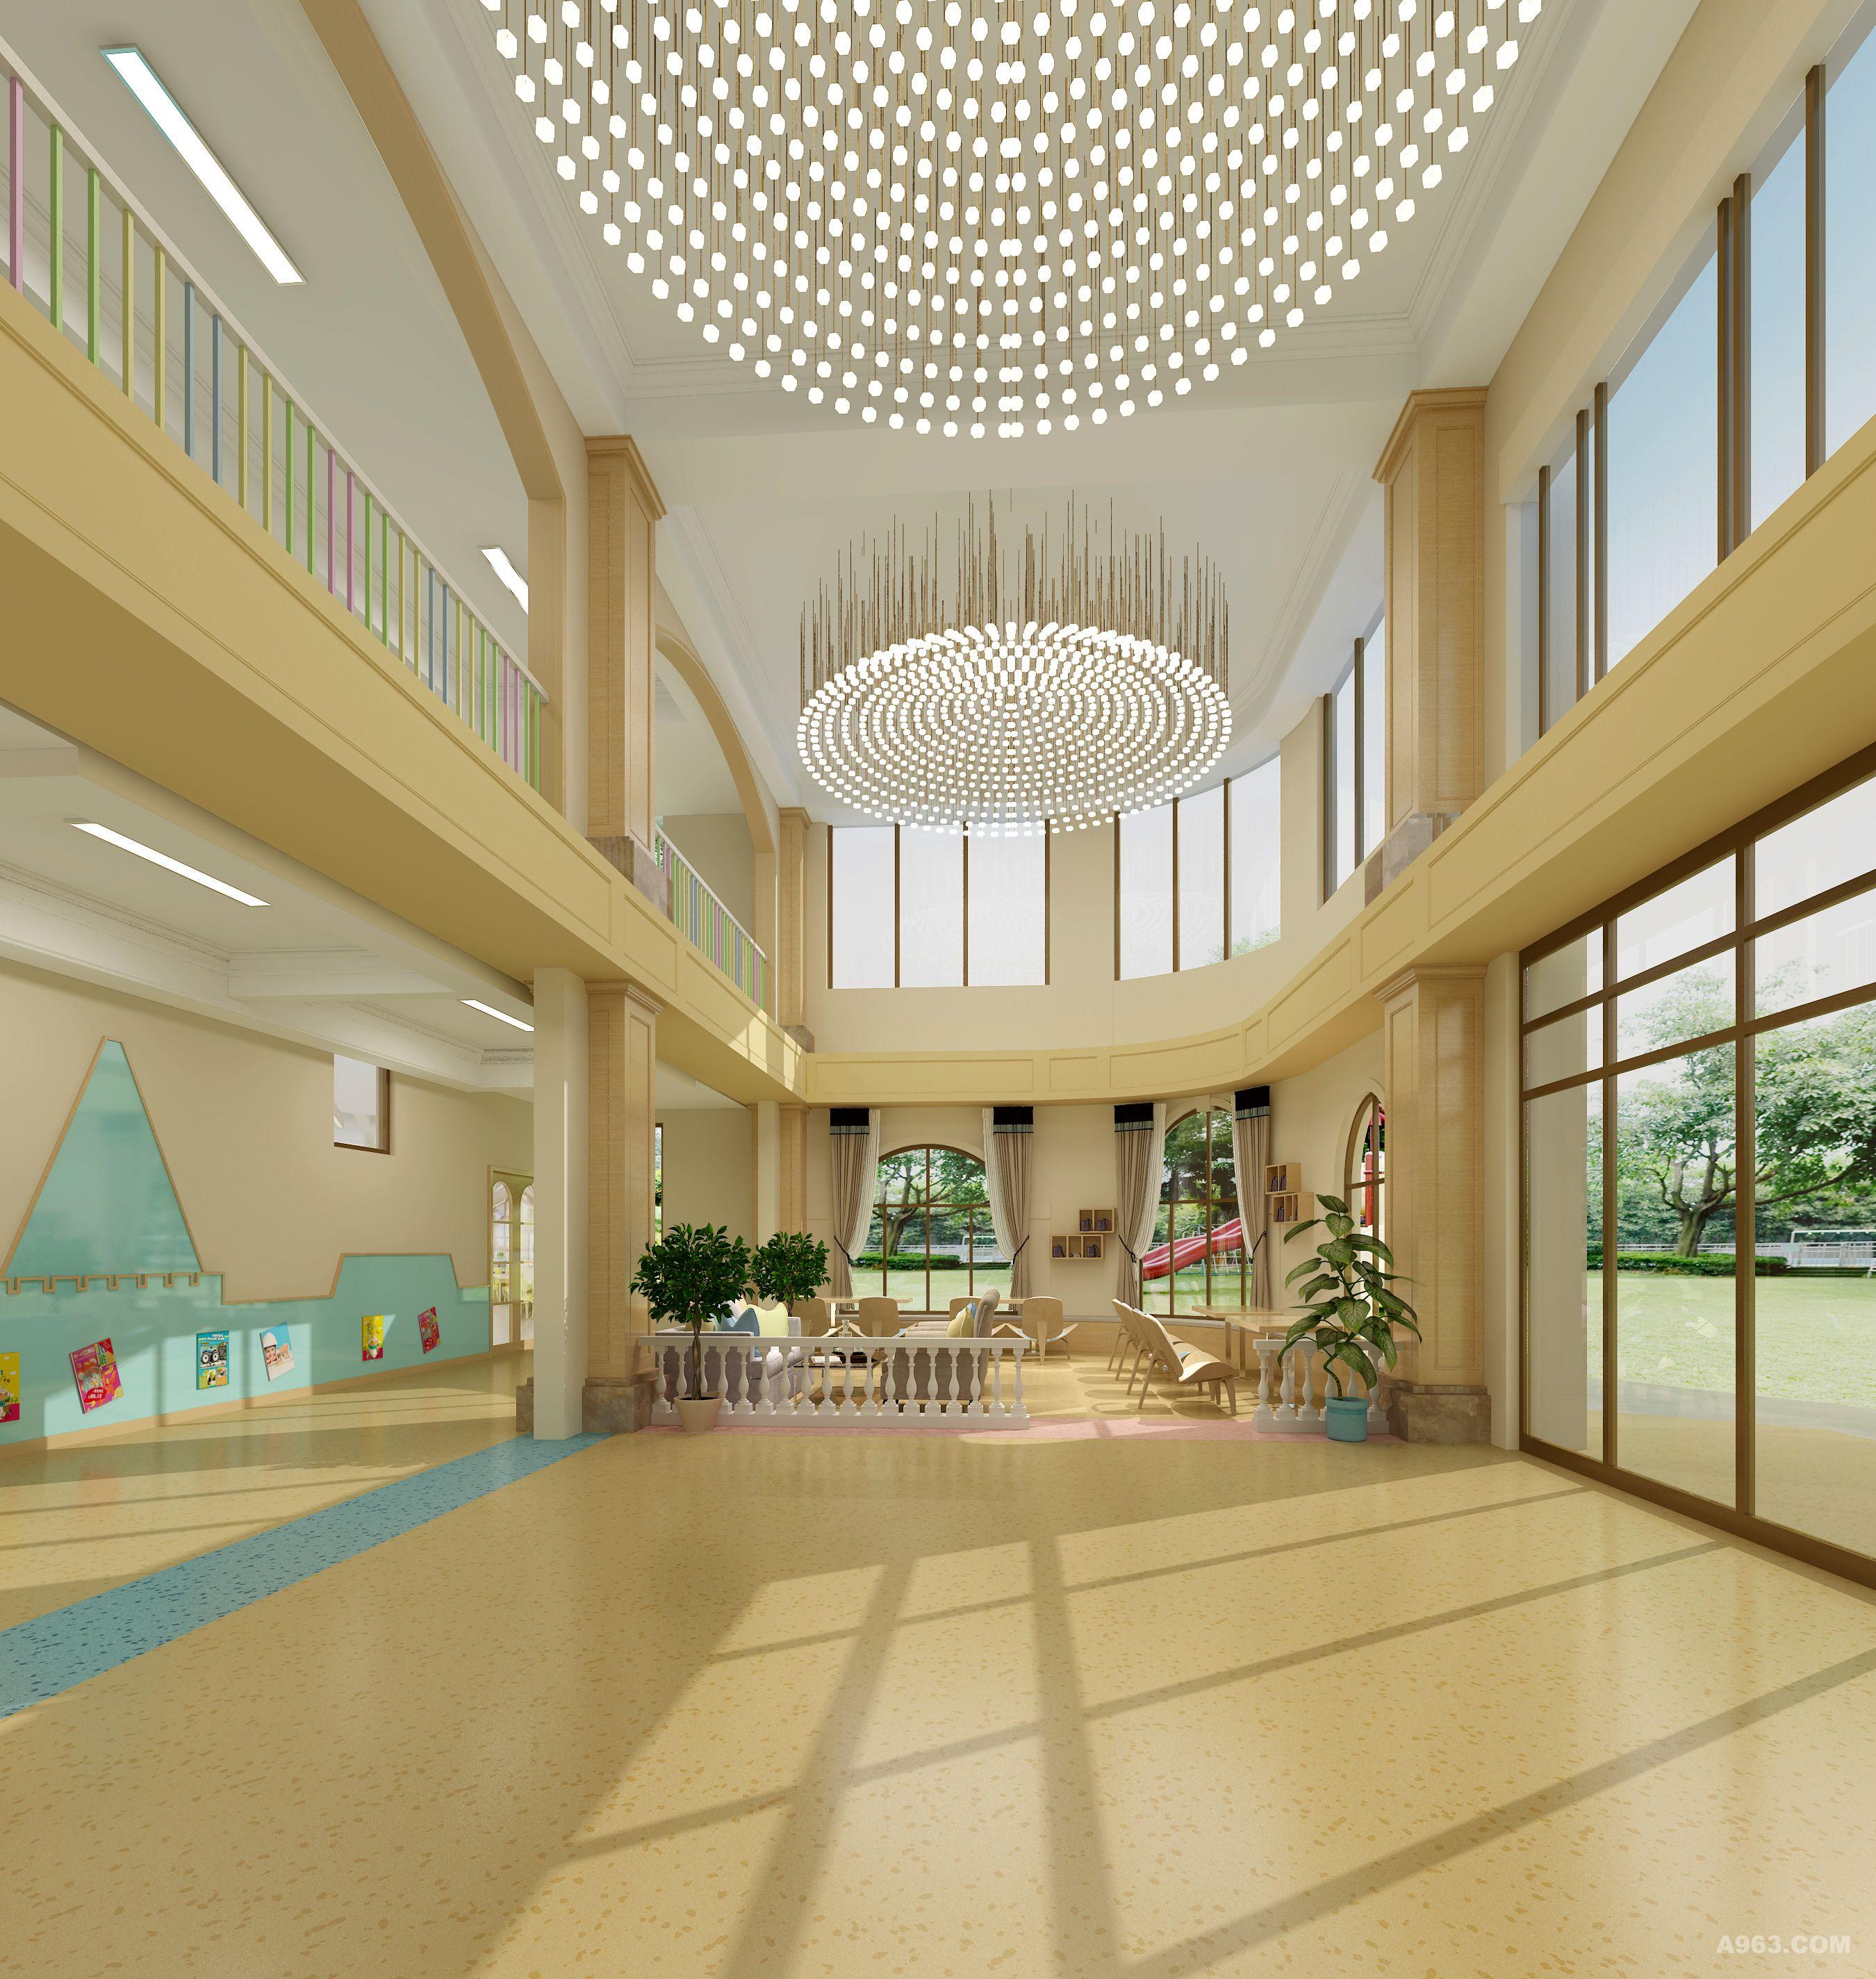 好孩子幼儿园 - 文化空间 - 第2页 - 程敏设计作品案例